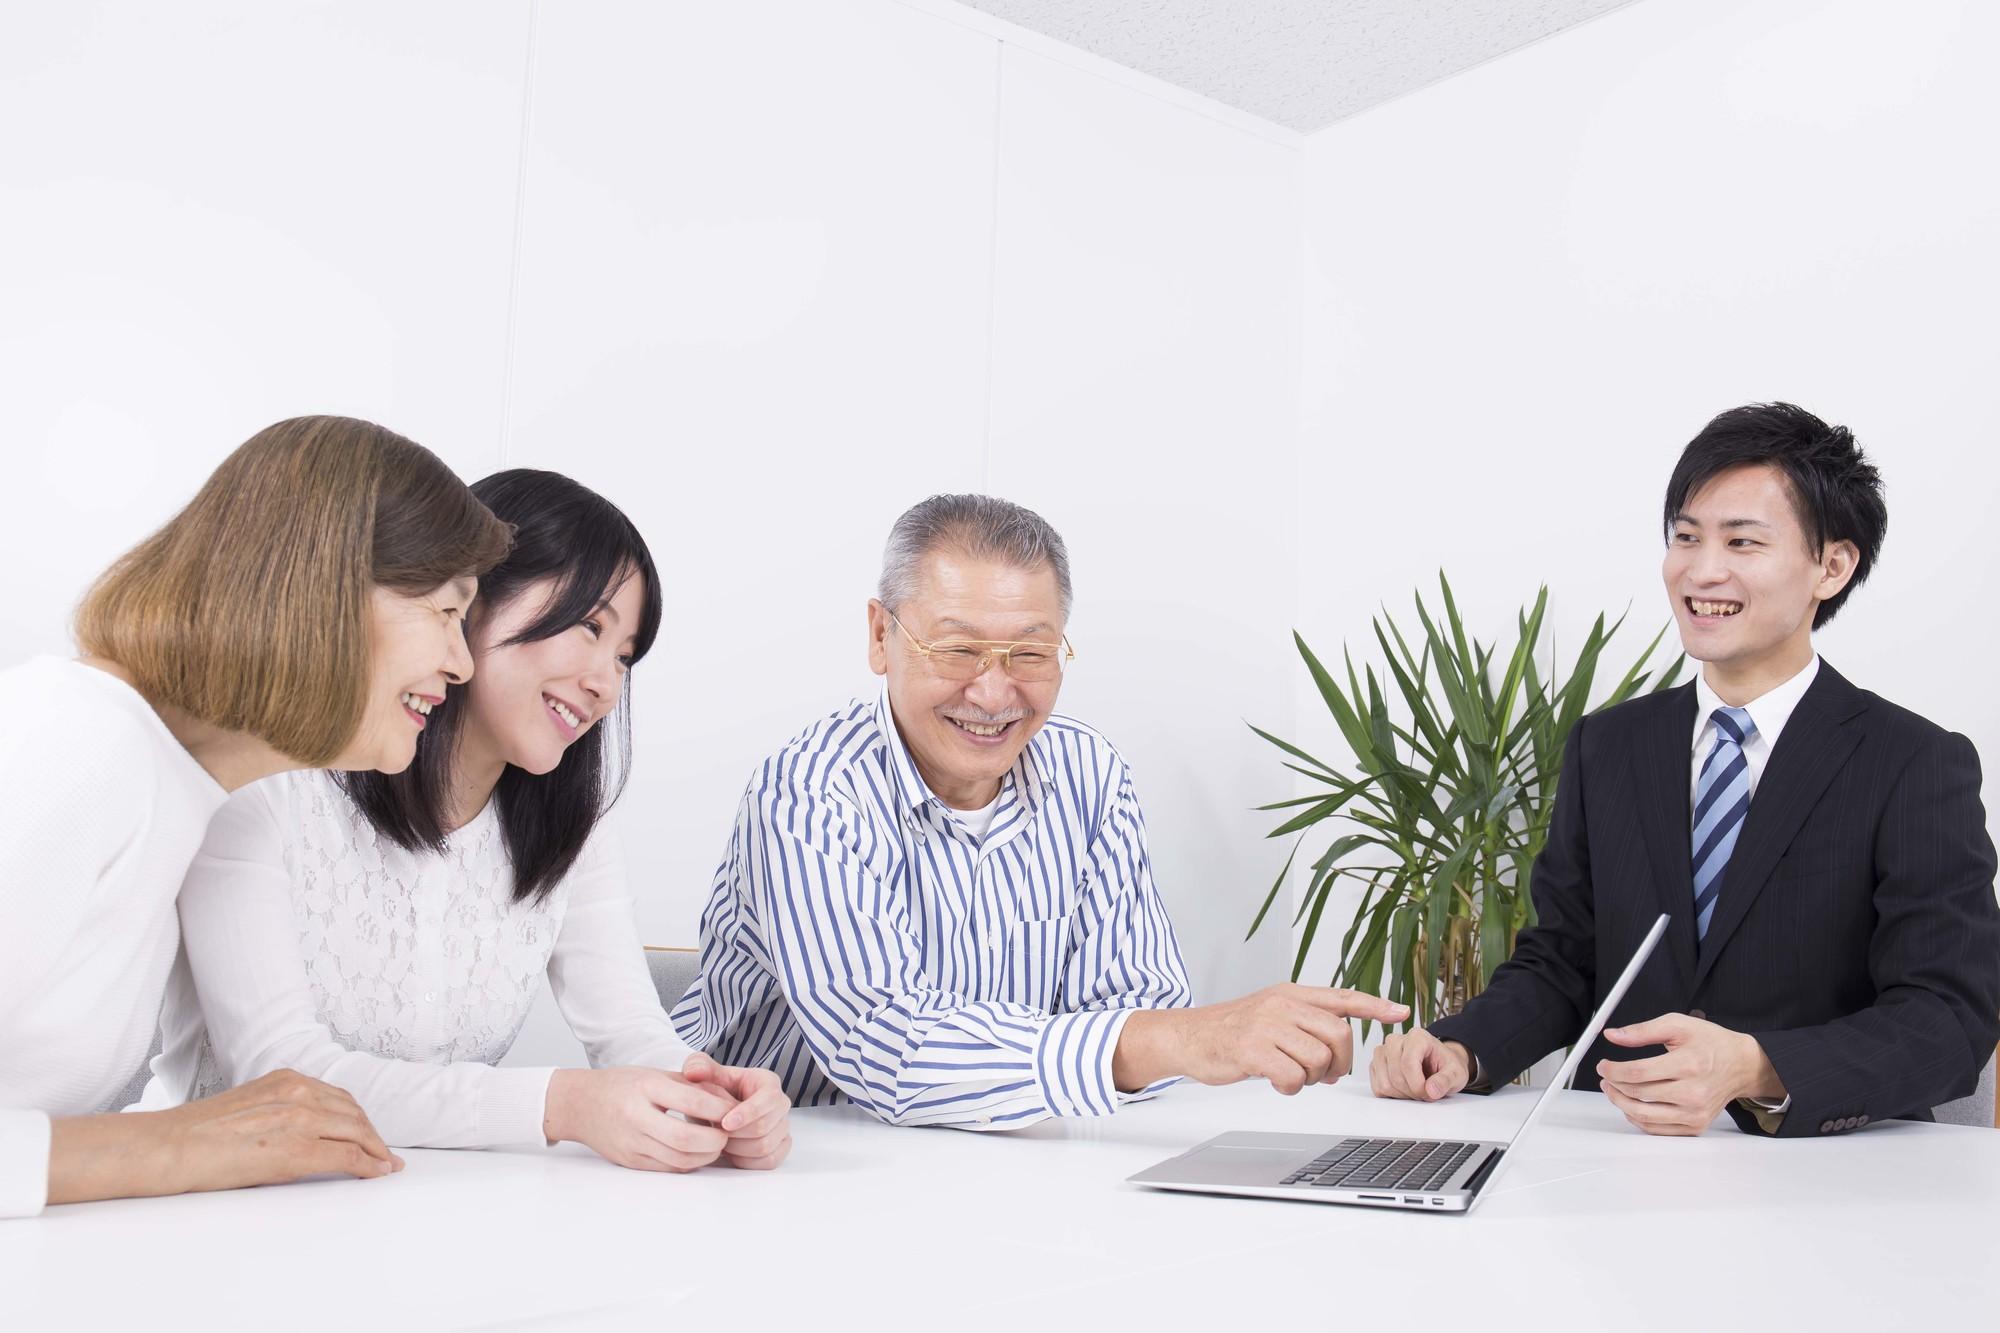 生前整理アドバイザーのカウンセリング